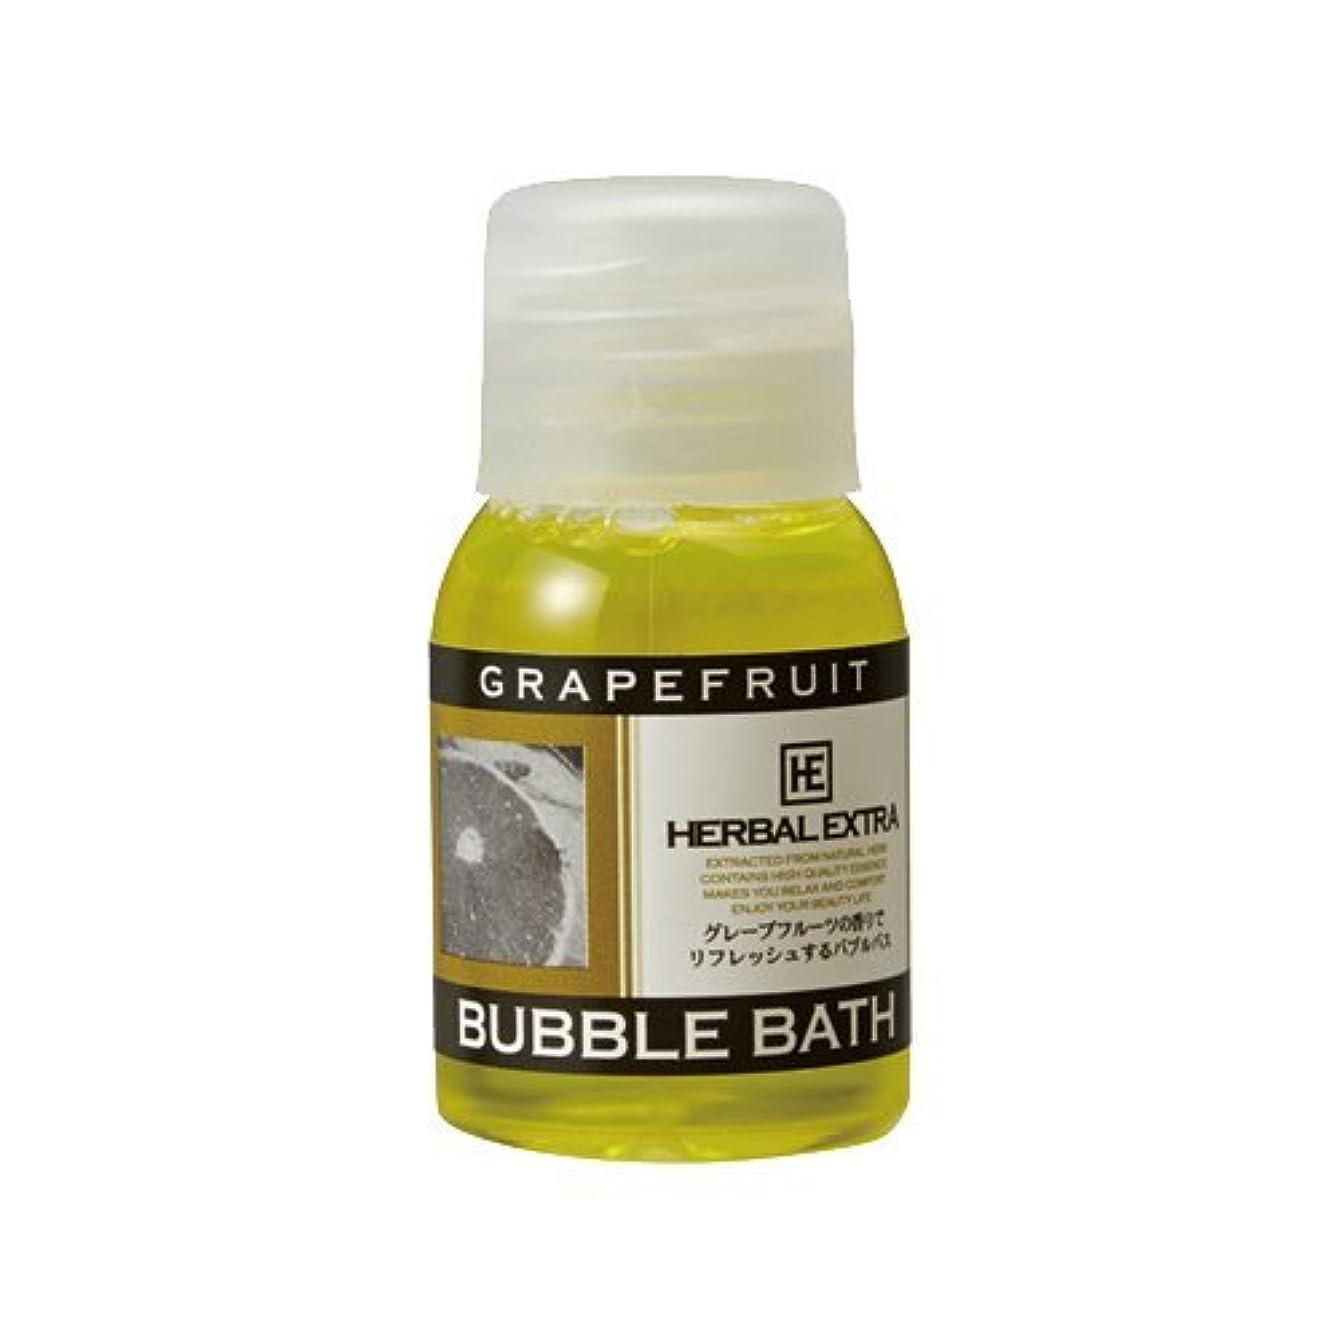 フルーティーハイジャック山ハーバルエクストラ バブルバス ミニボトル グレープフルーツの香り × 20個セット - ホテルアメニティ 業務用 発泡入浴剤 (BUBBLE BATH)